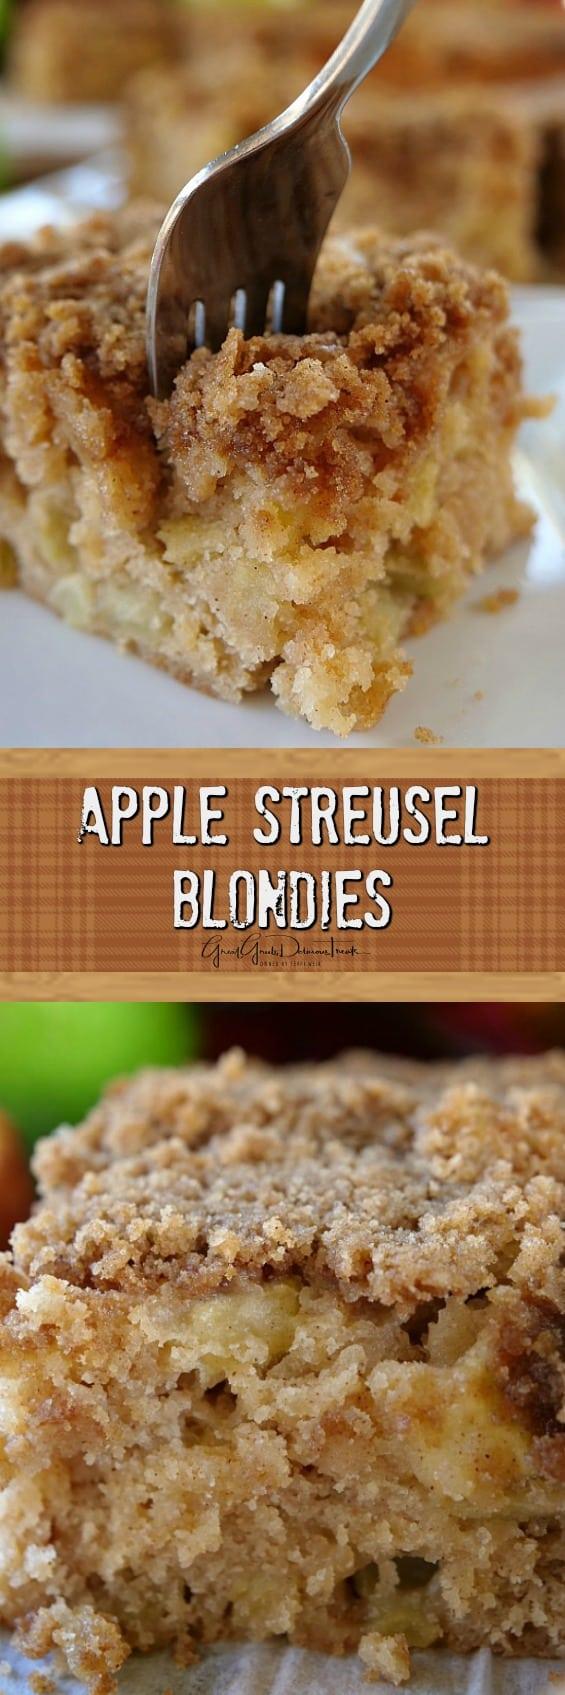 Apple Streusel Blondies